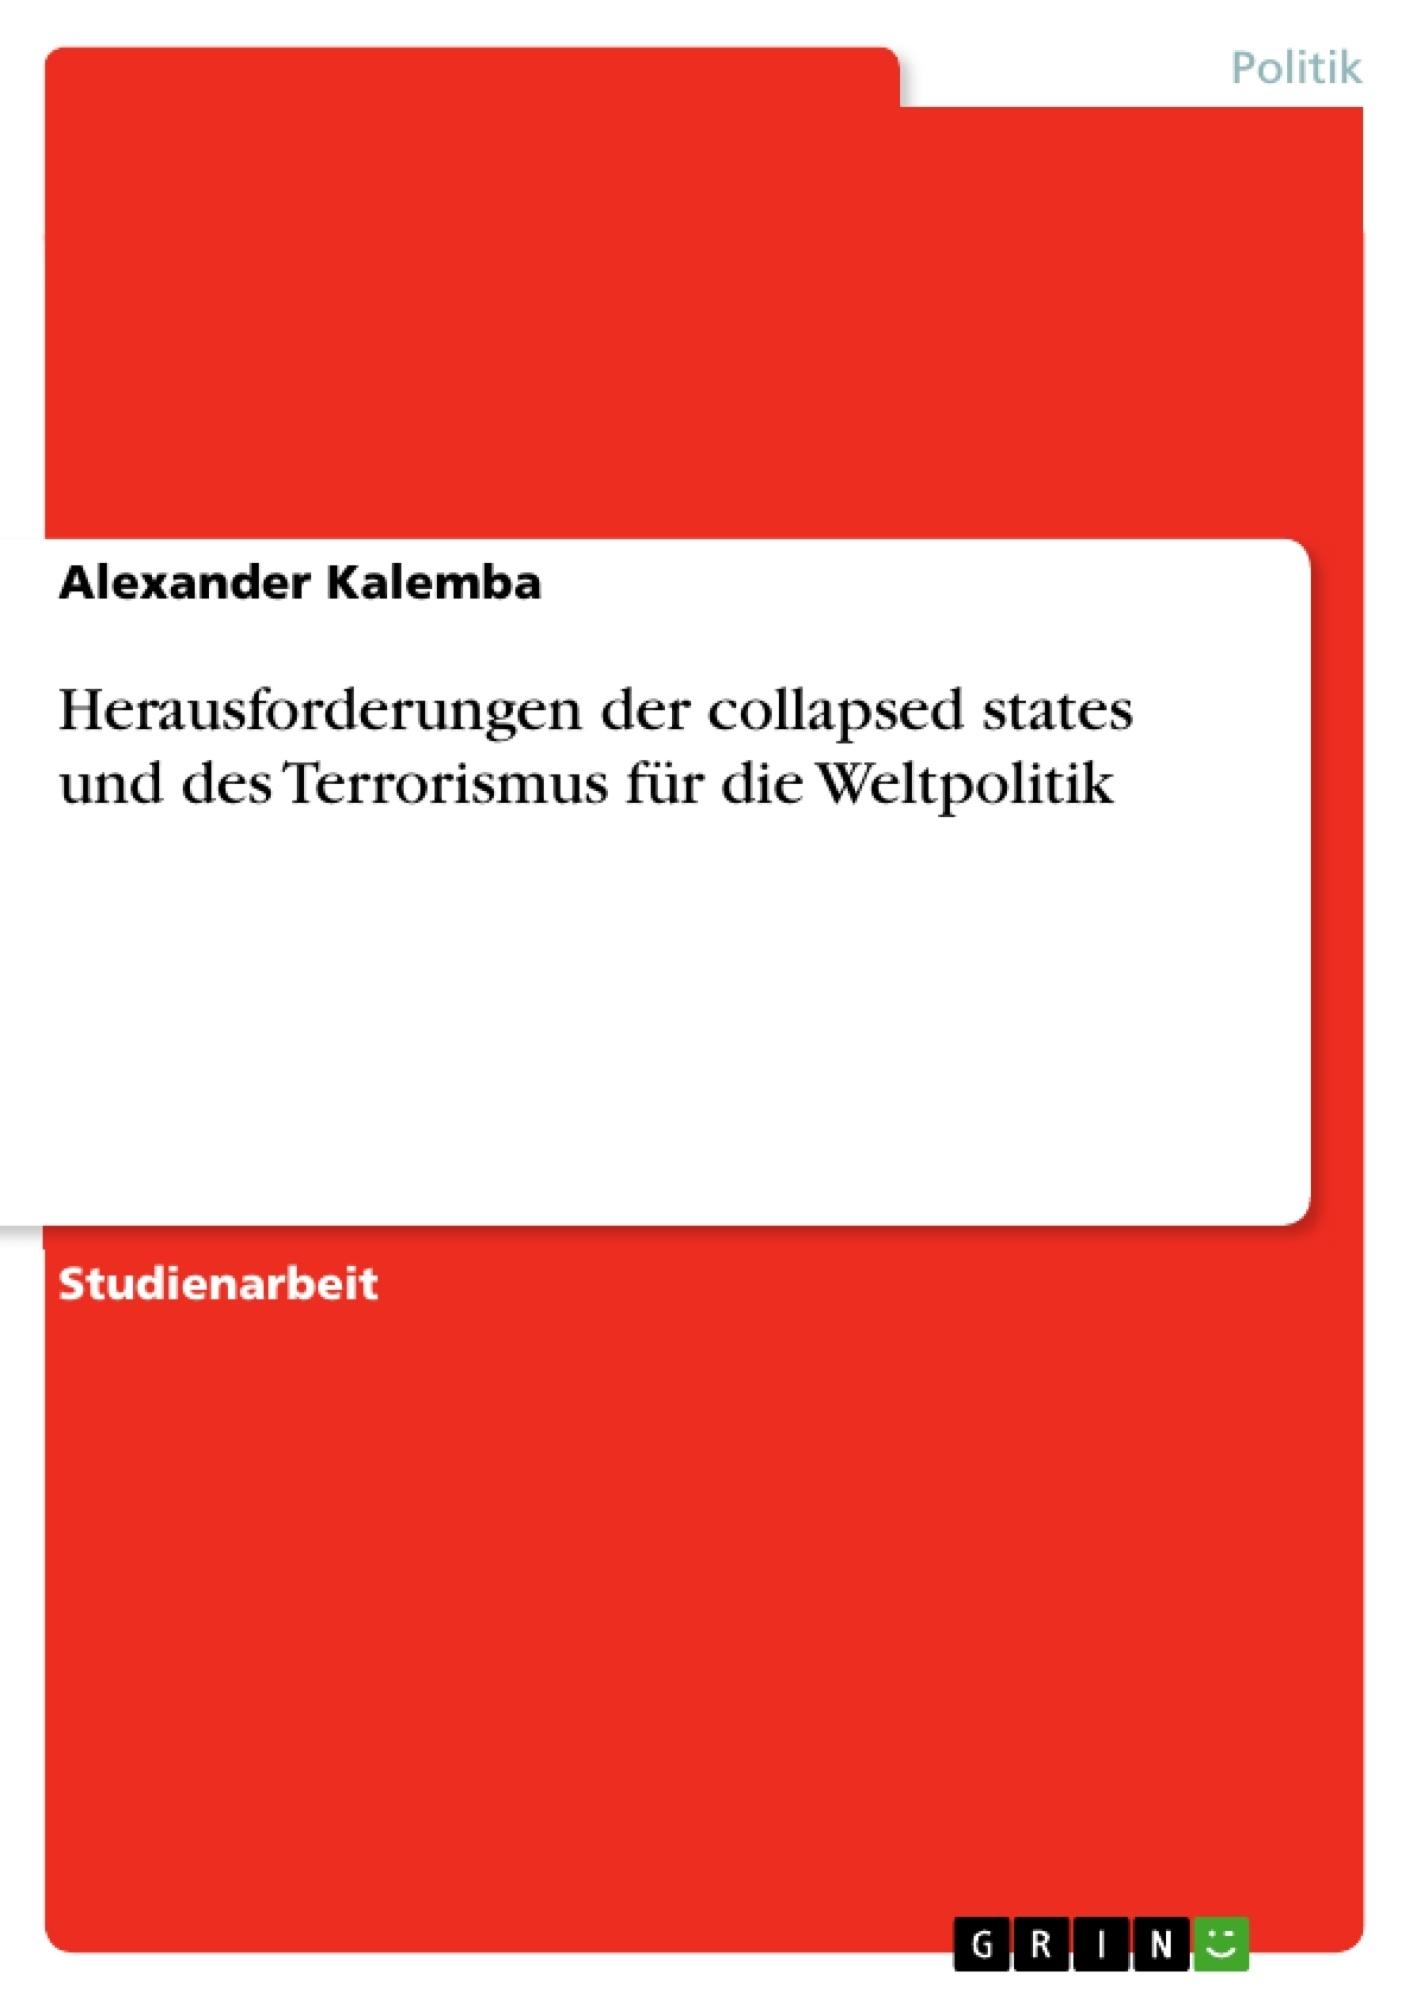 Titel: Herausforderungen der collapsed states und des Terrorismus für die Weltpolitik